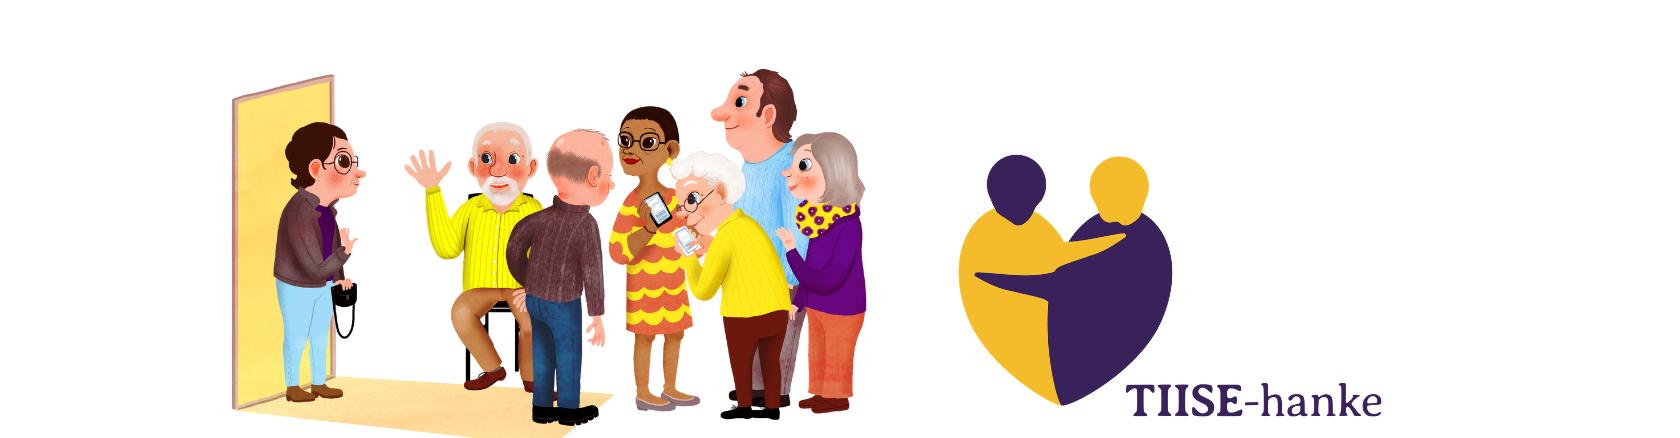 Kuvituskuvassa ikäihmisiä juttelemassa. Tiise-hankeen sydämenmuotoisessa logossa kaksi ihmistä halaa.